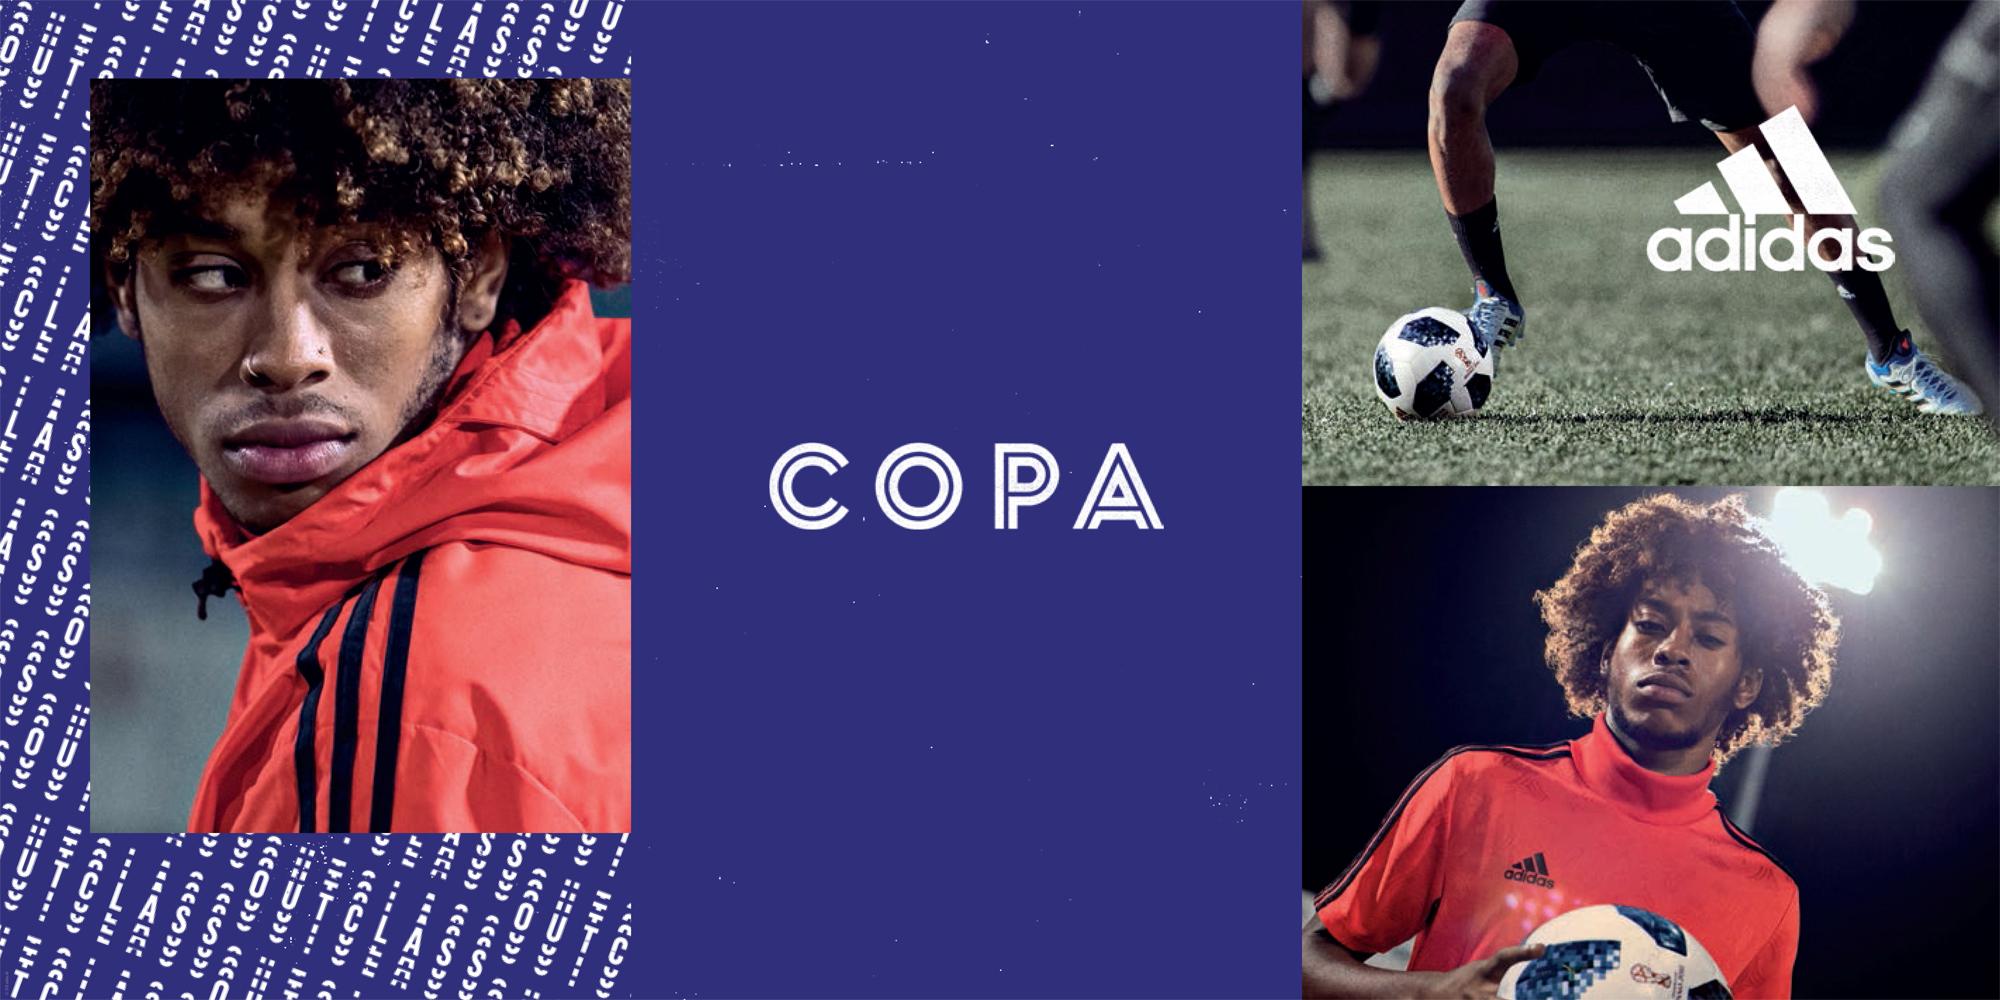 Adidas Copa Team Mode